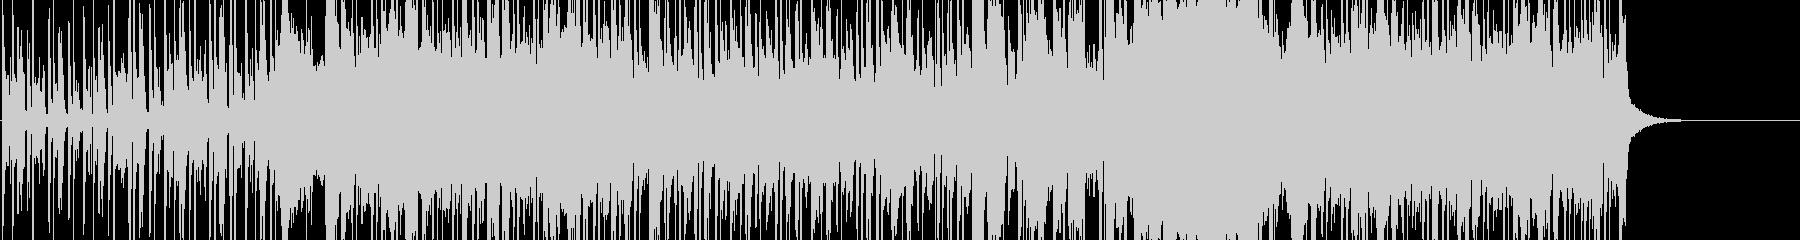 ファンキーロックミュージックの未再生の波形